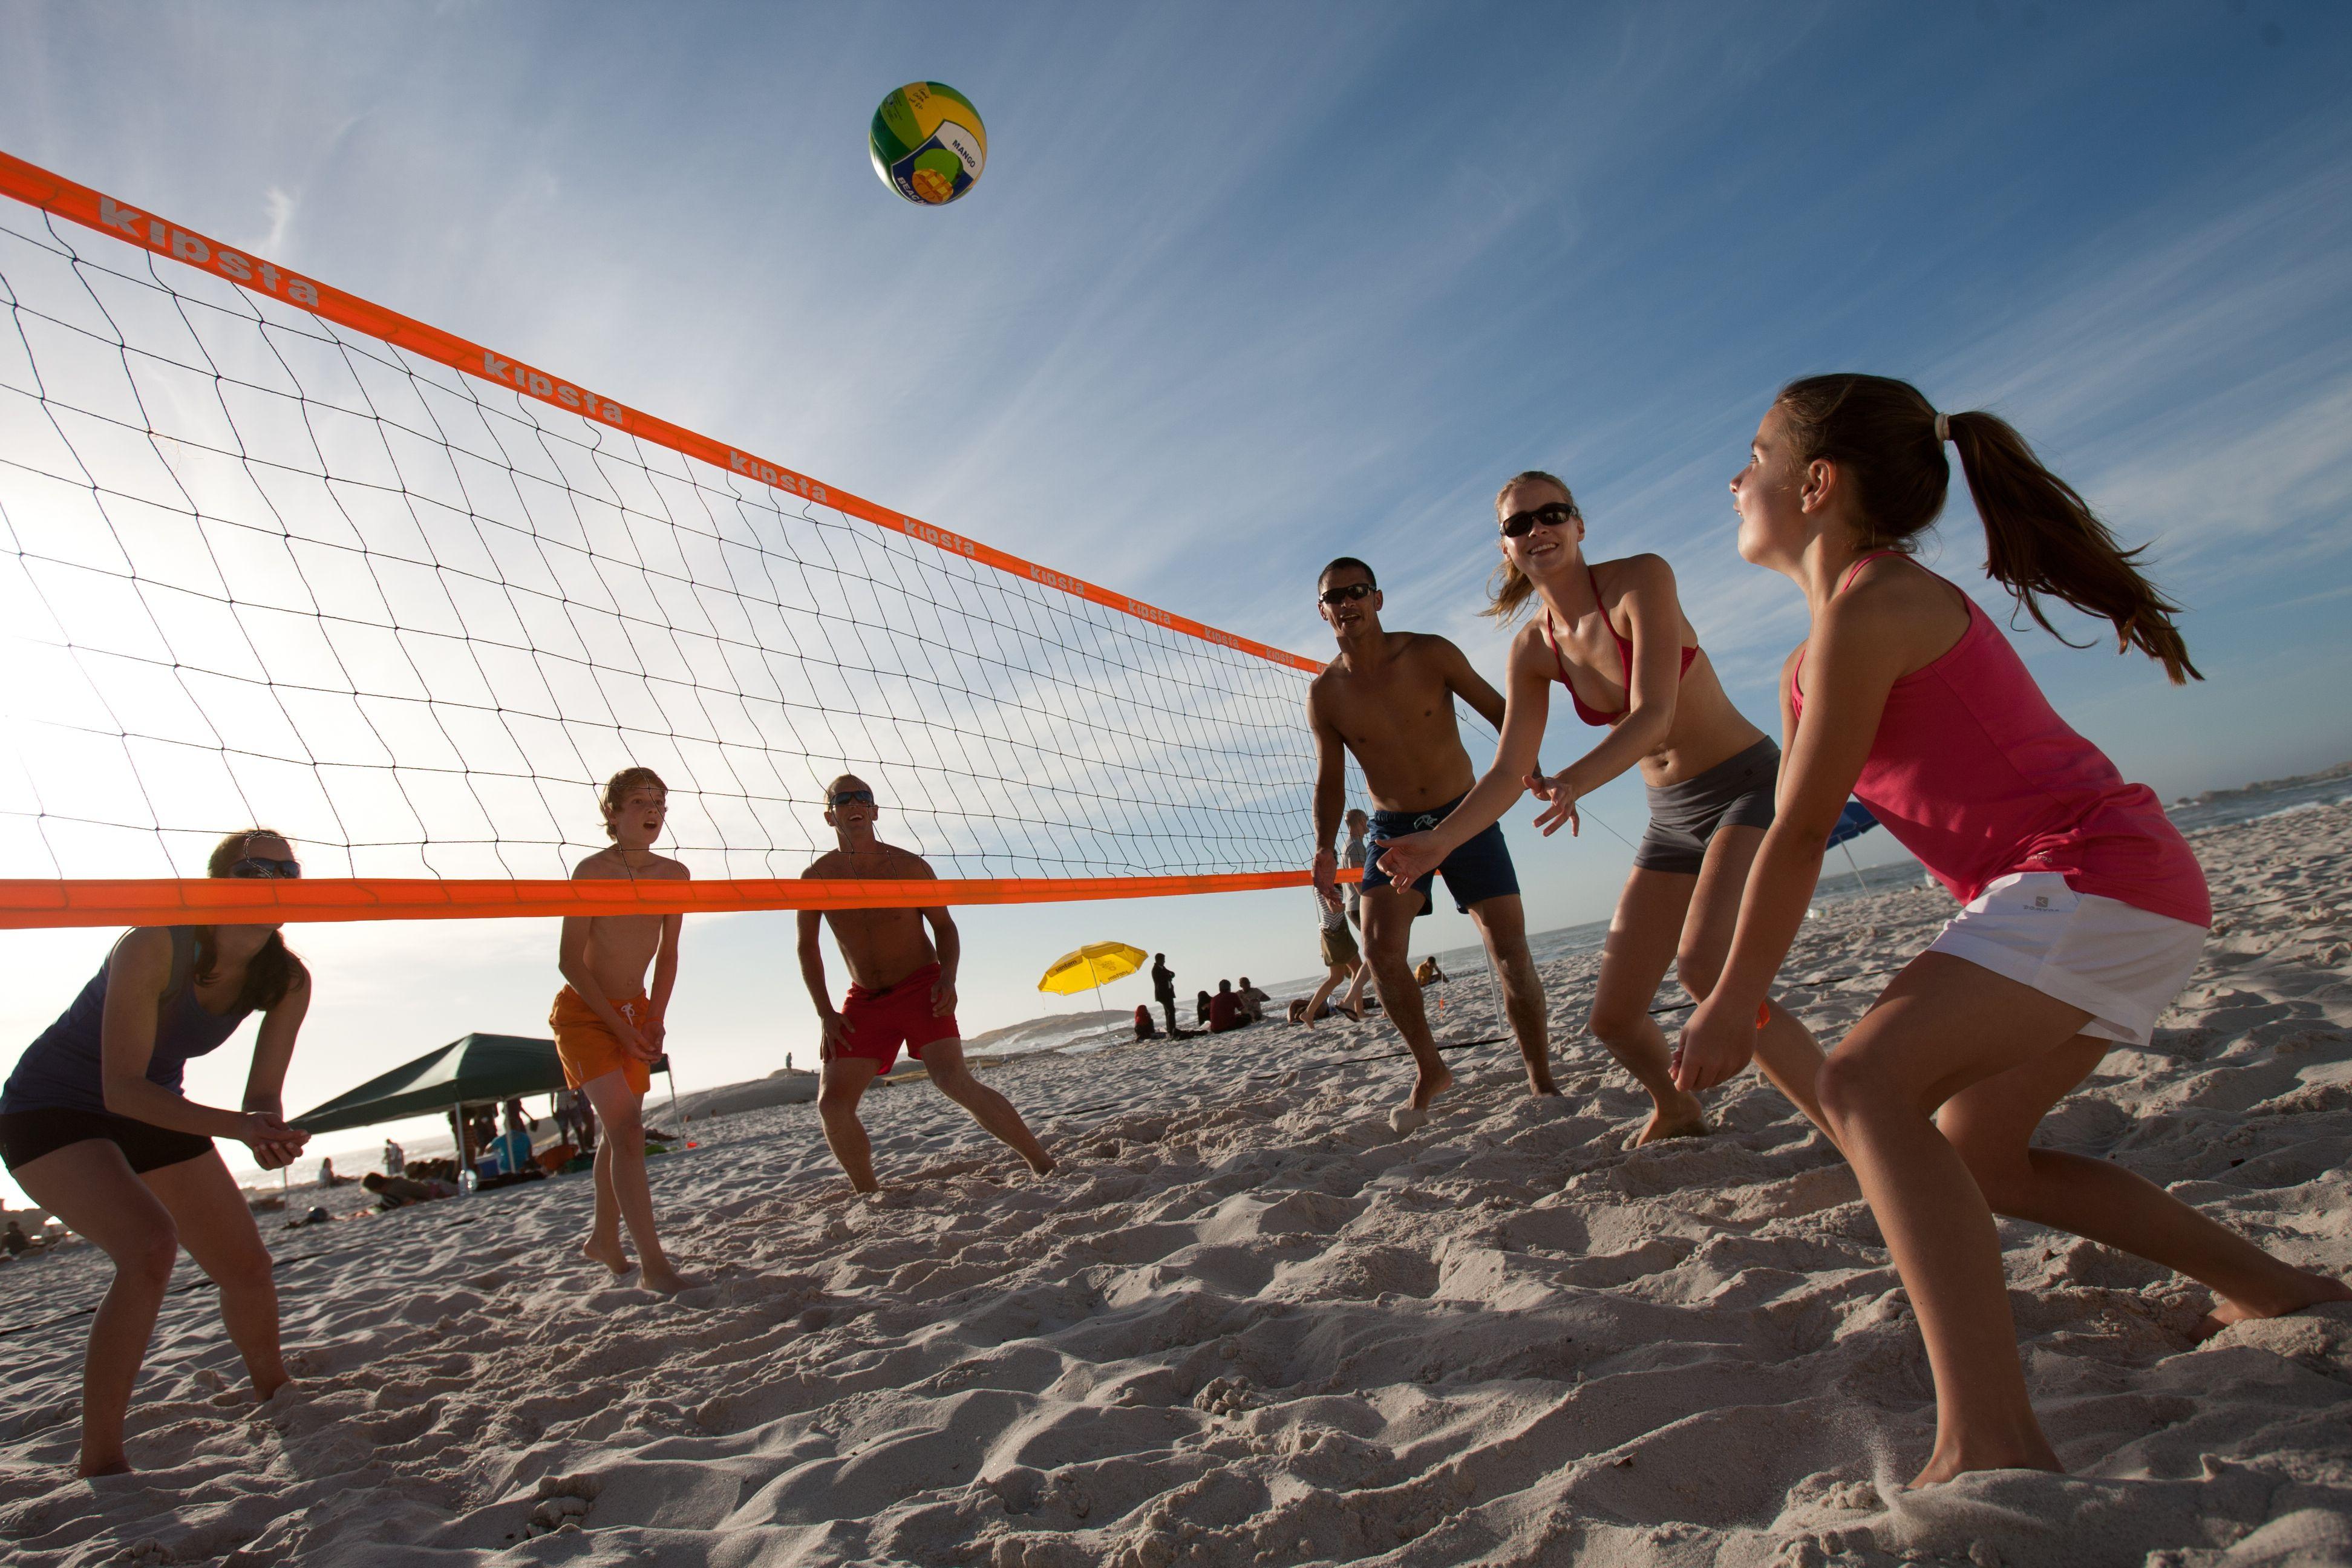 пляжный волейбол картинки и фото котором